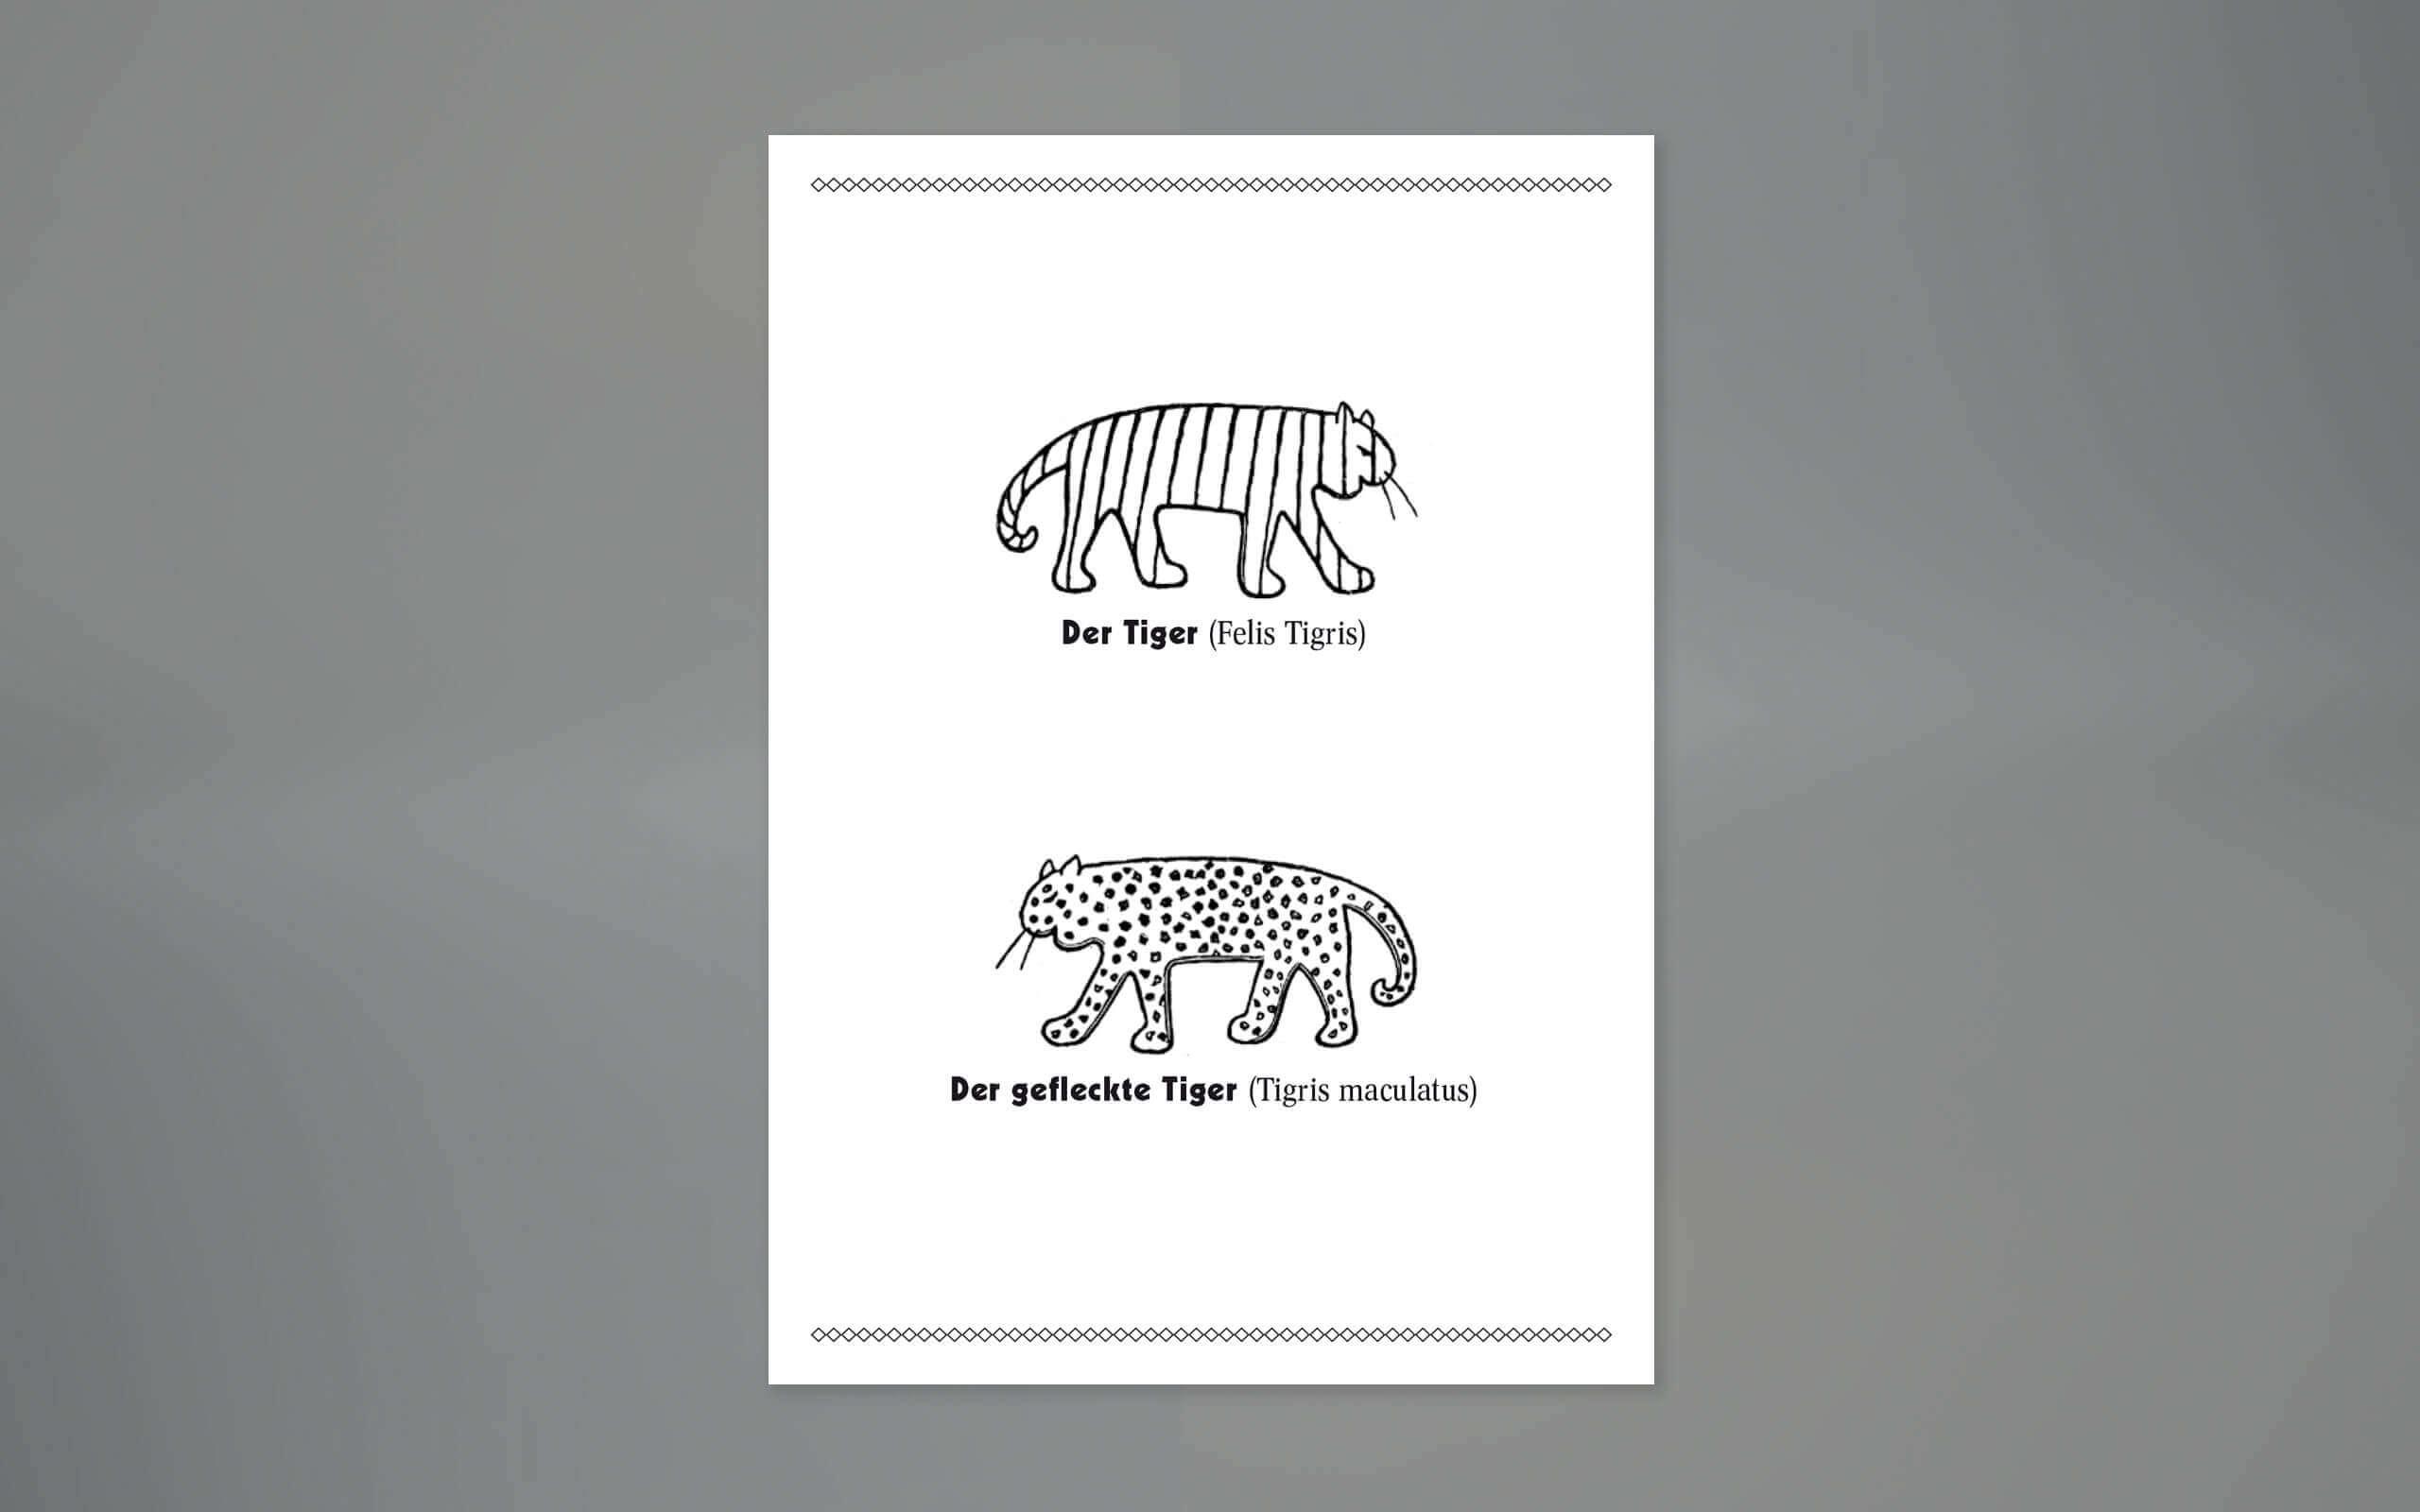 buschpostkarten_postkarte2